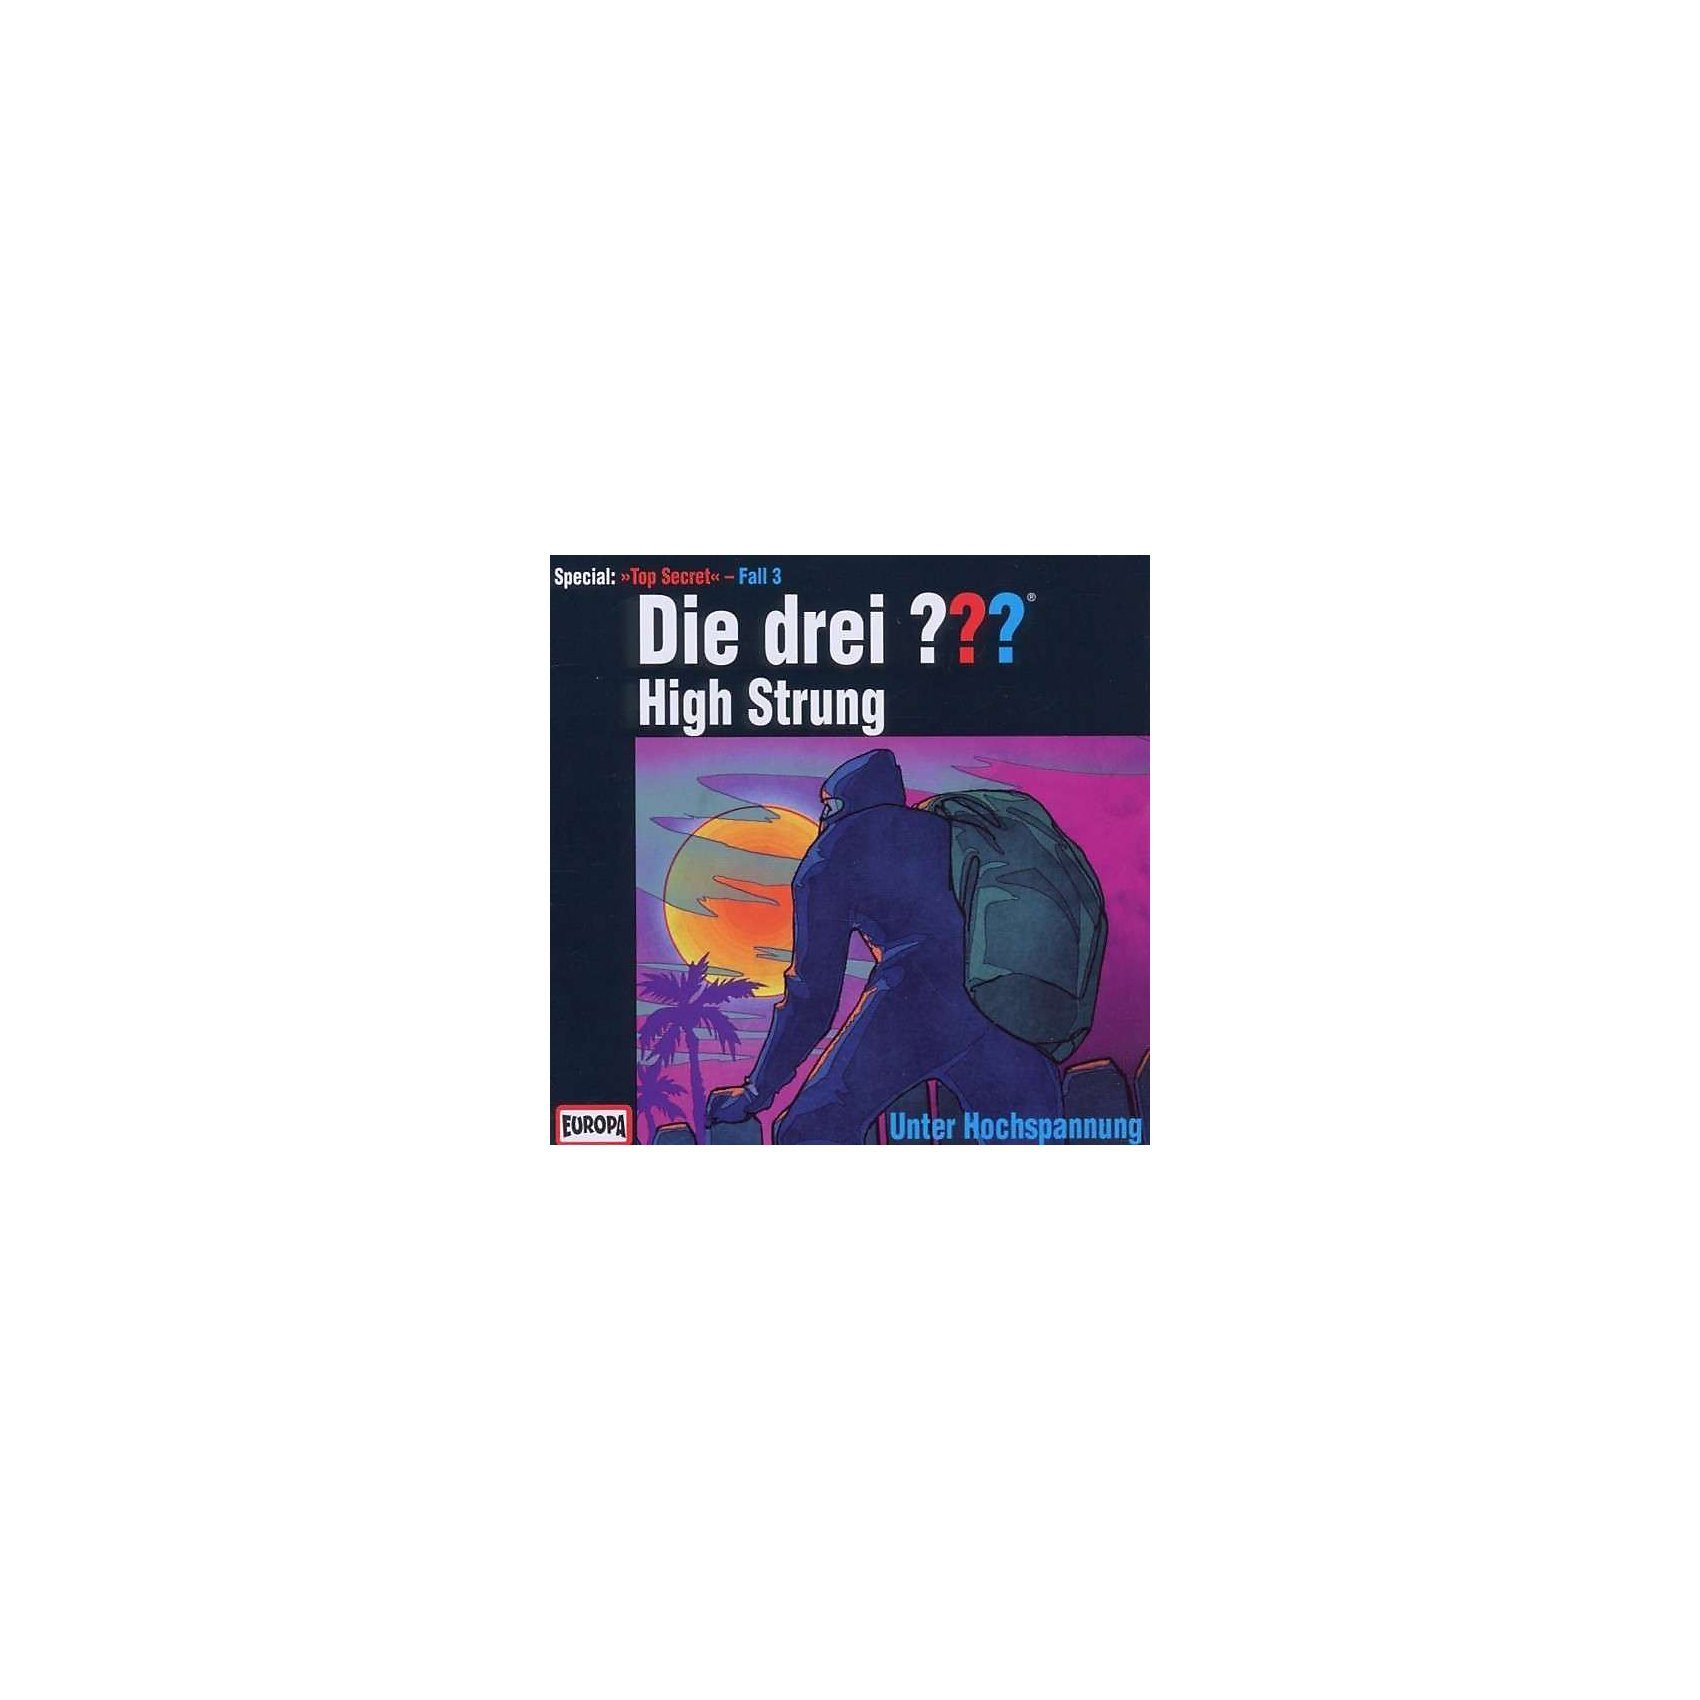 SONY BMG MUSIC CD Die Drei ??? - High Strung - Unter Hochspannung